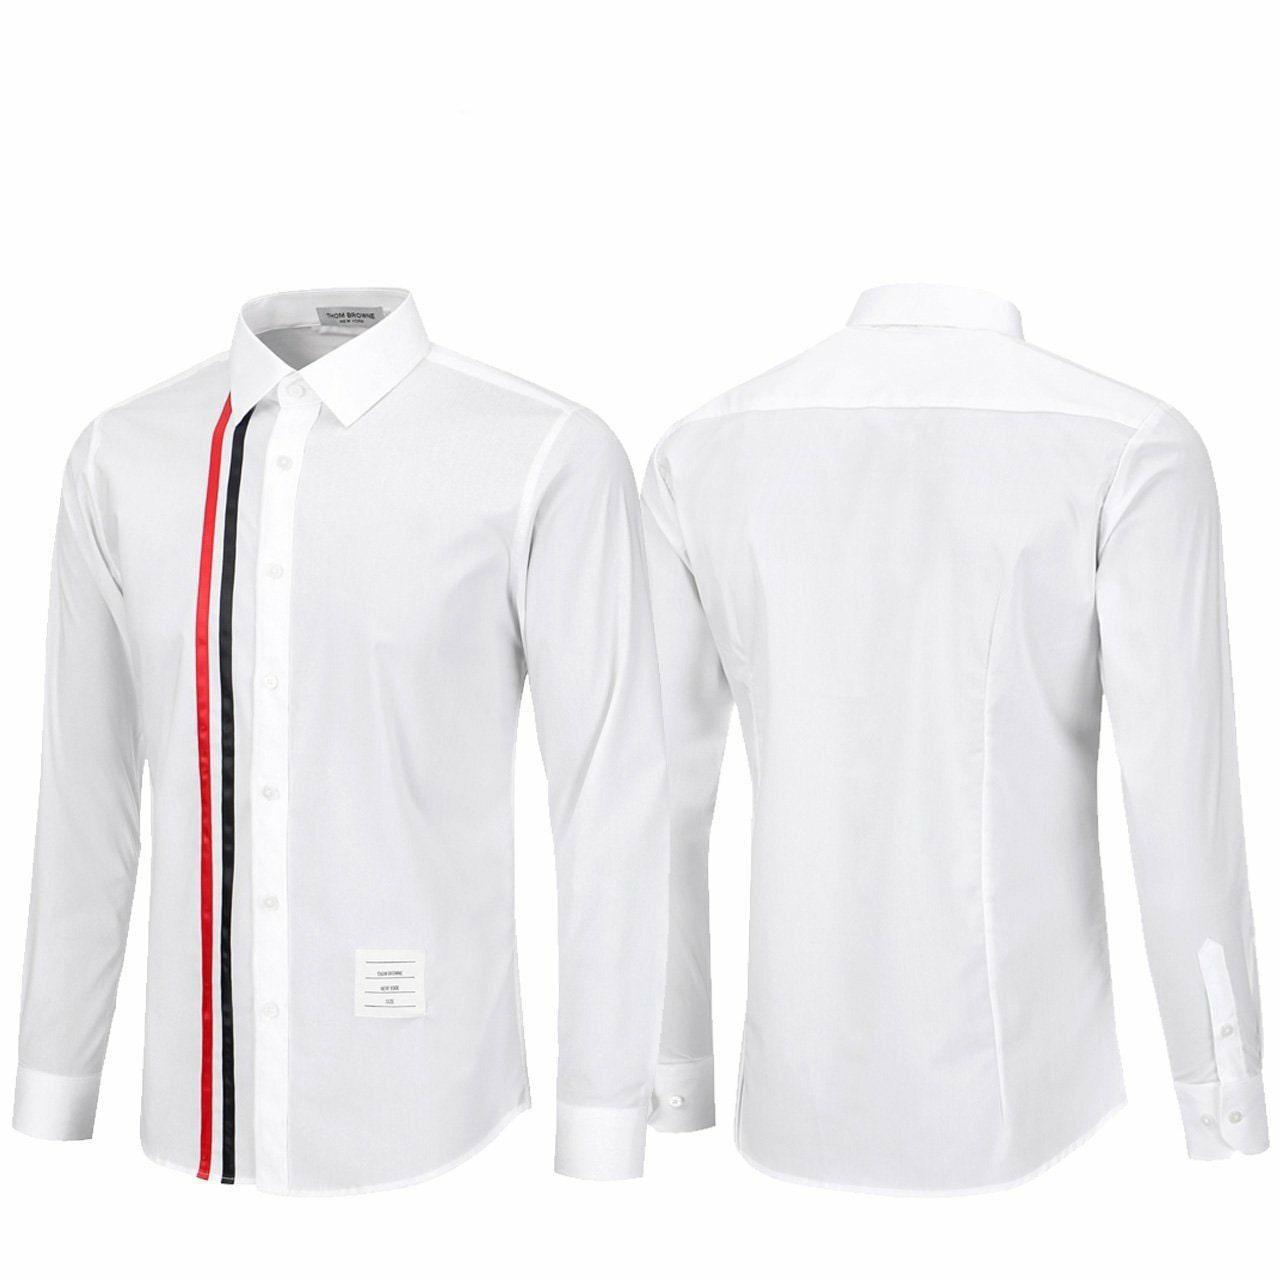 톰브라운 세로 삼선 스판 셔츠